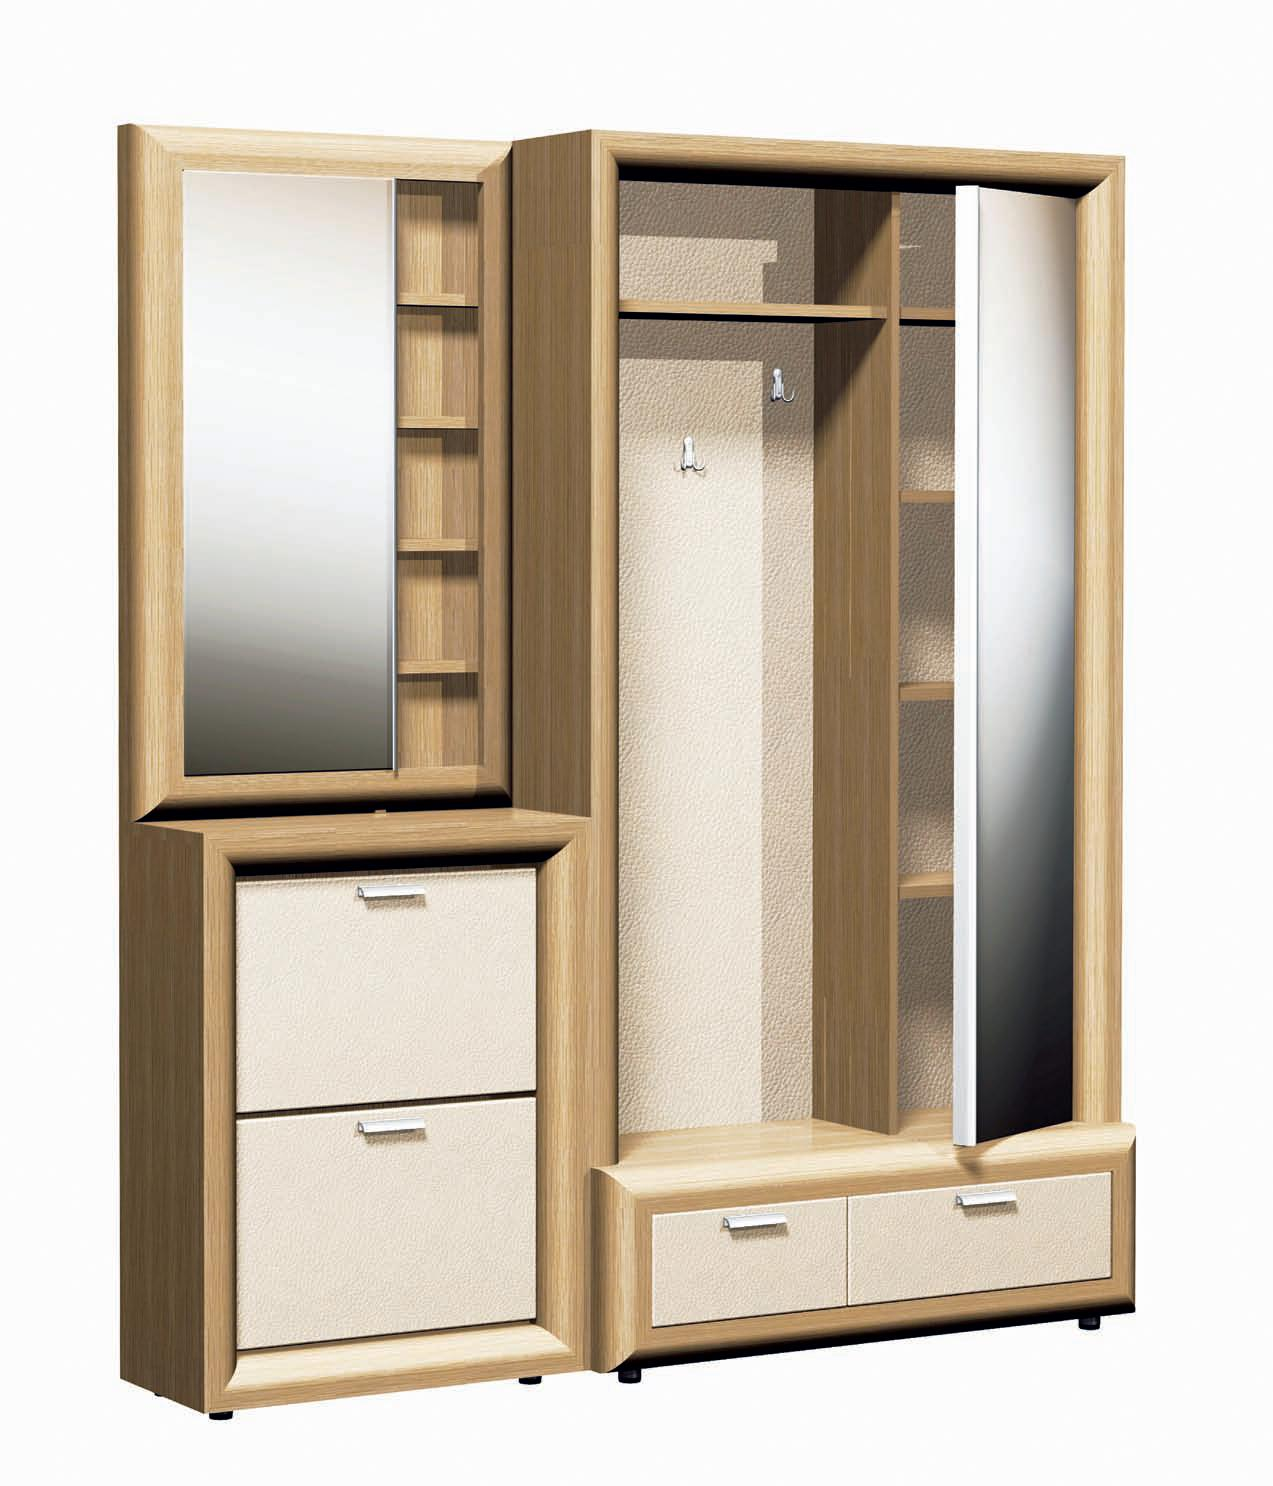 Прихожие фото, дизайн прихожей, прихожая мебель фото, прихожая дизайн фото - 24 - Кухни, шкафы купе, мебель на заказ